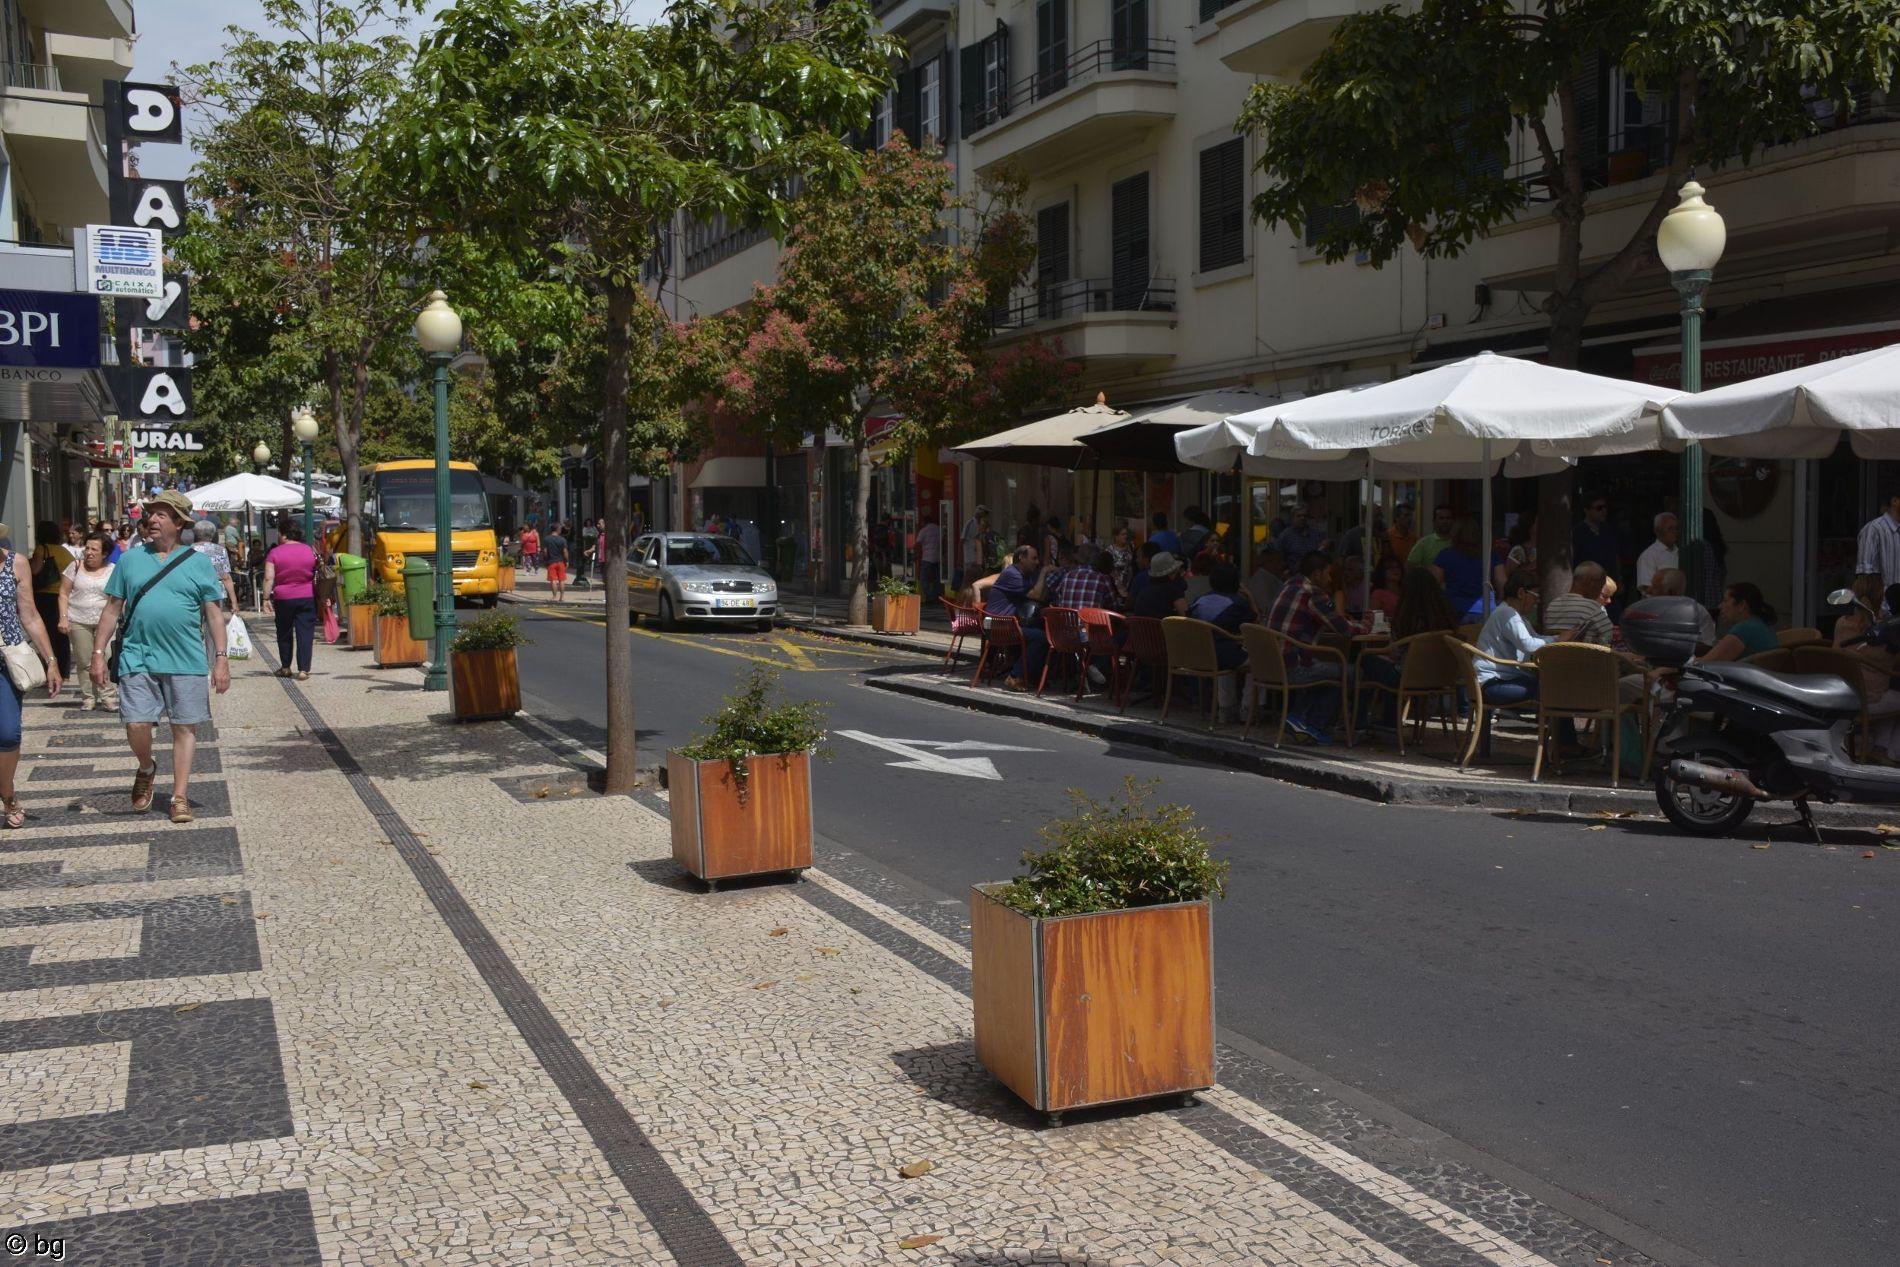 rue-principale-de-funchal-madere